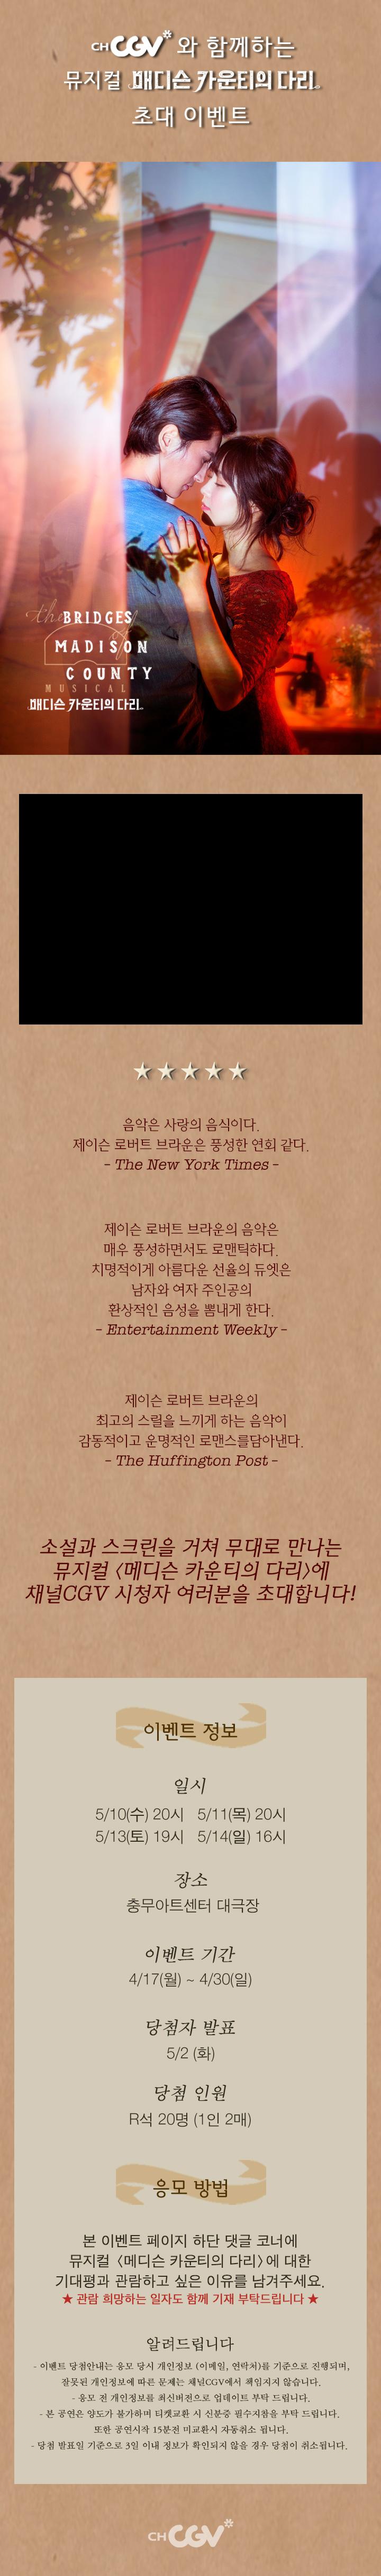 채널cgv와 함께하는 뮤지컬 [매디슨 카운티의 다리] 초대 이벤트